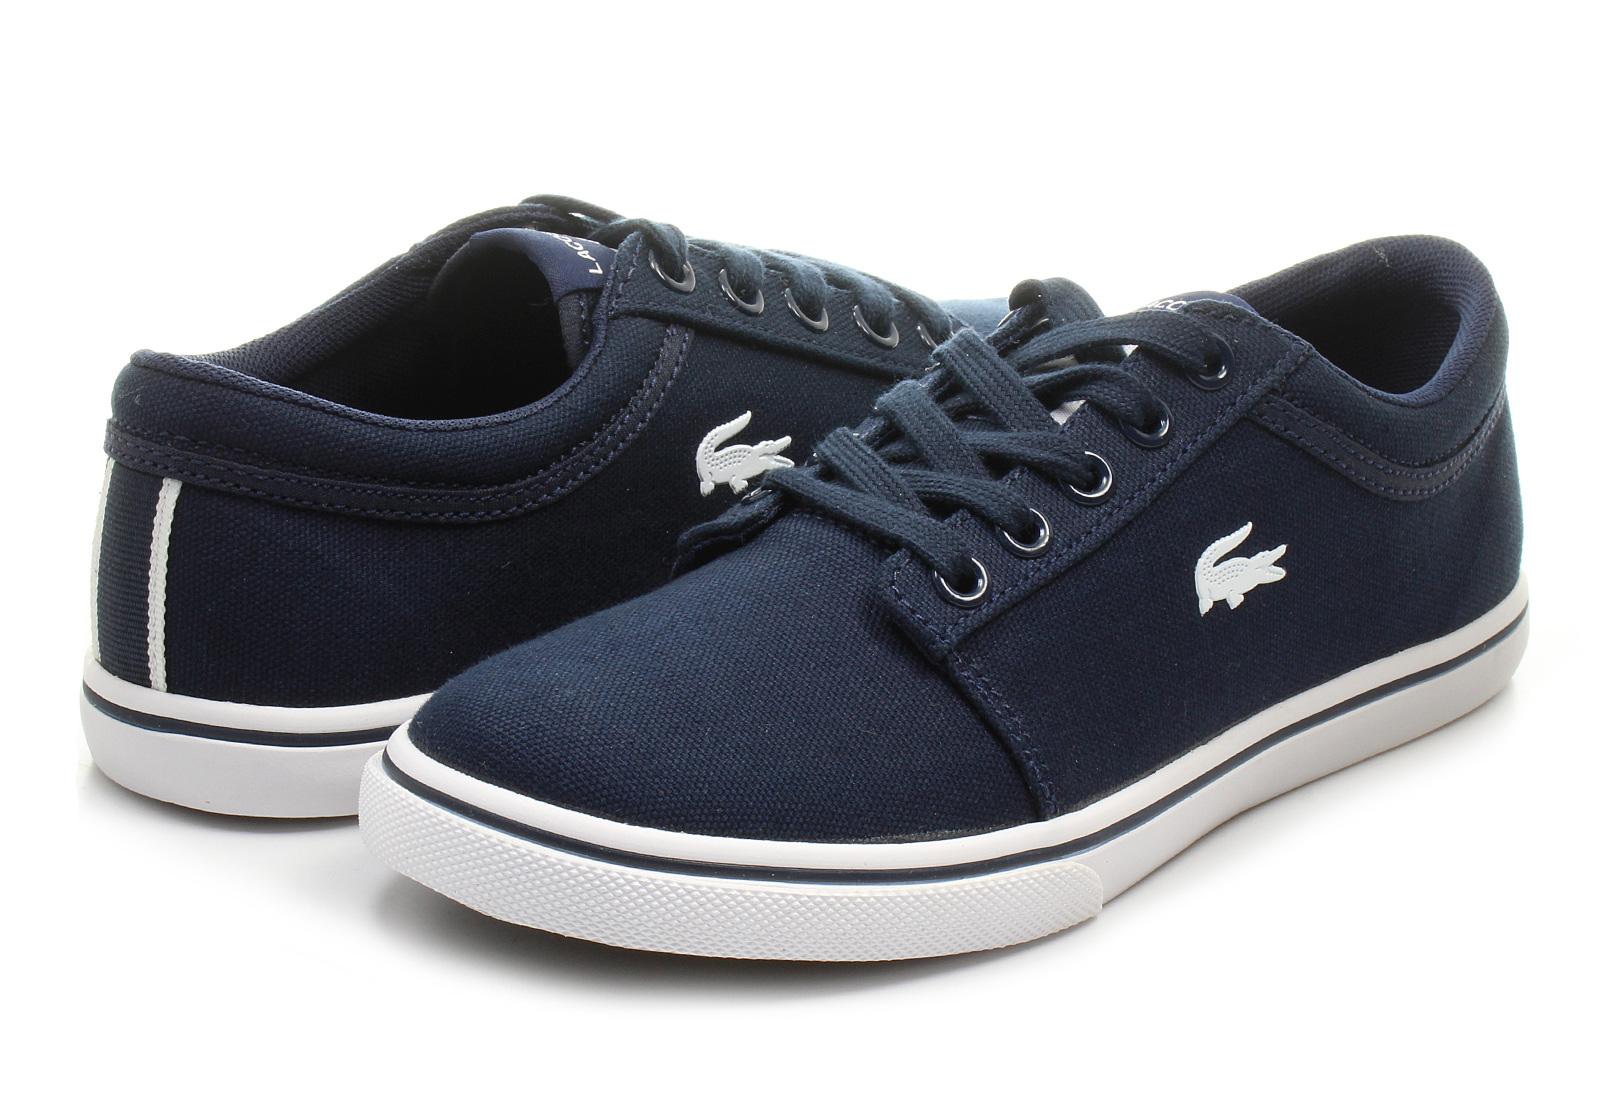 lacoste shoe vaultstar sleek 151scw1215 092